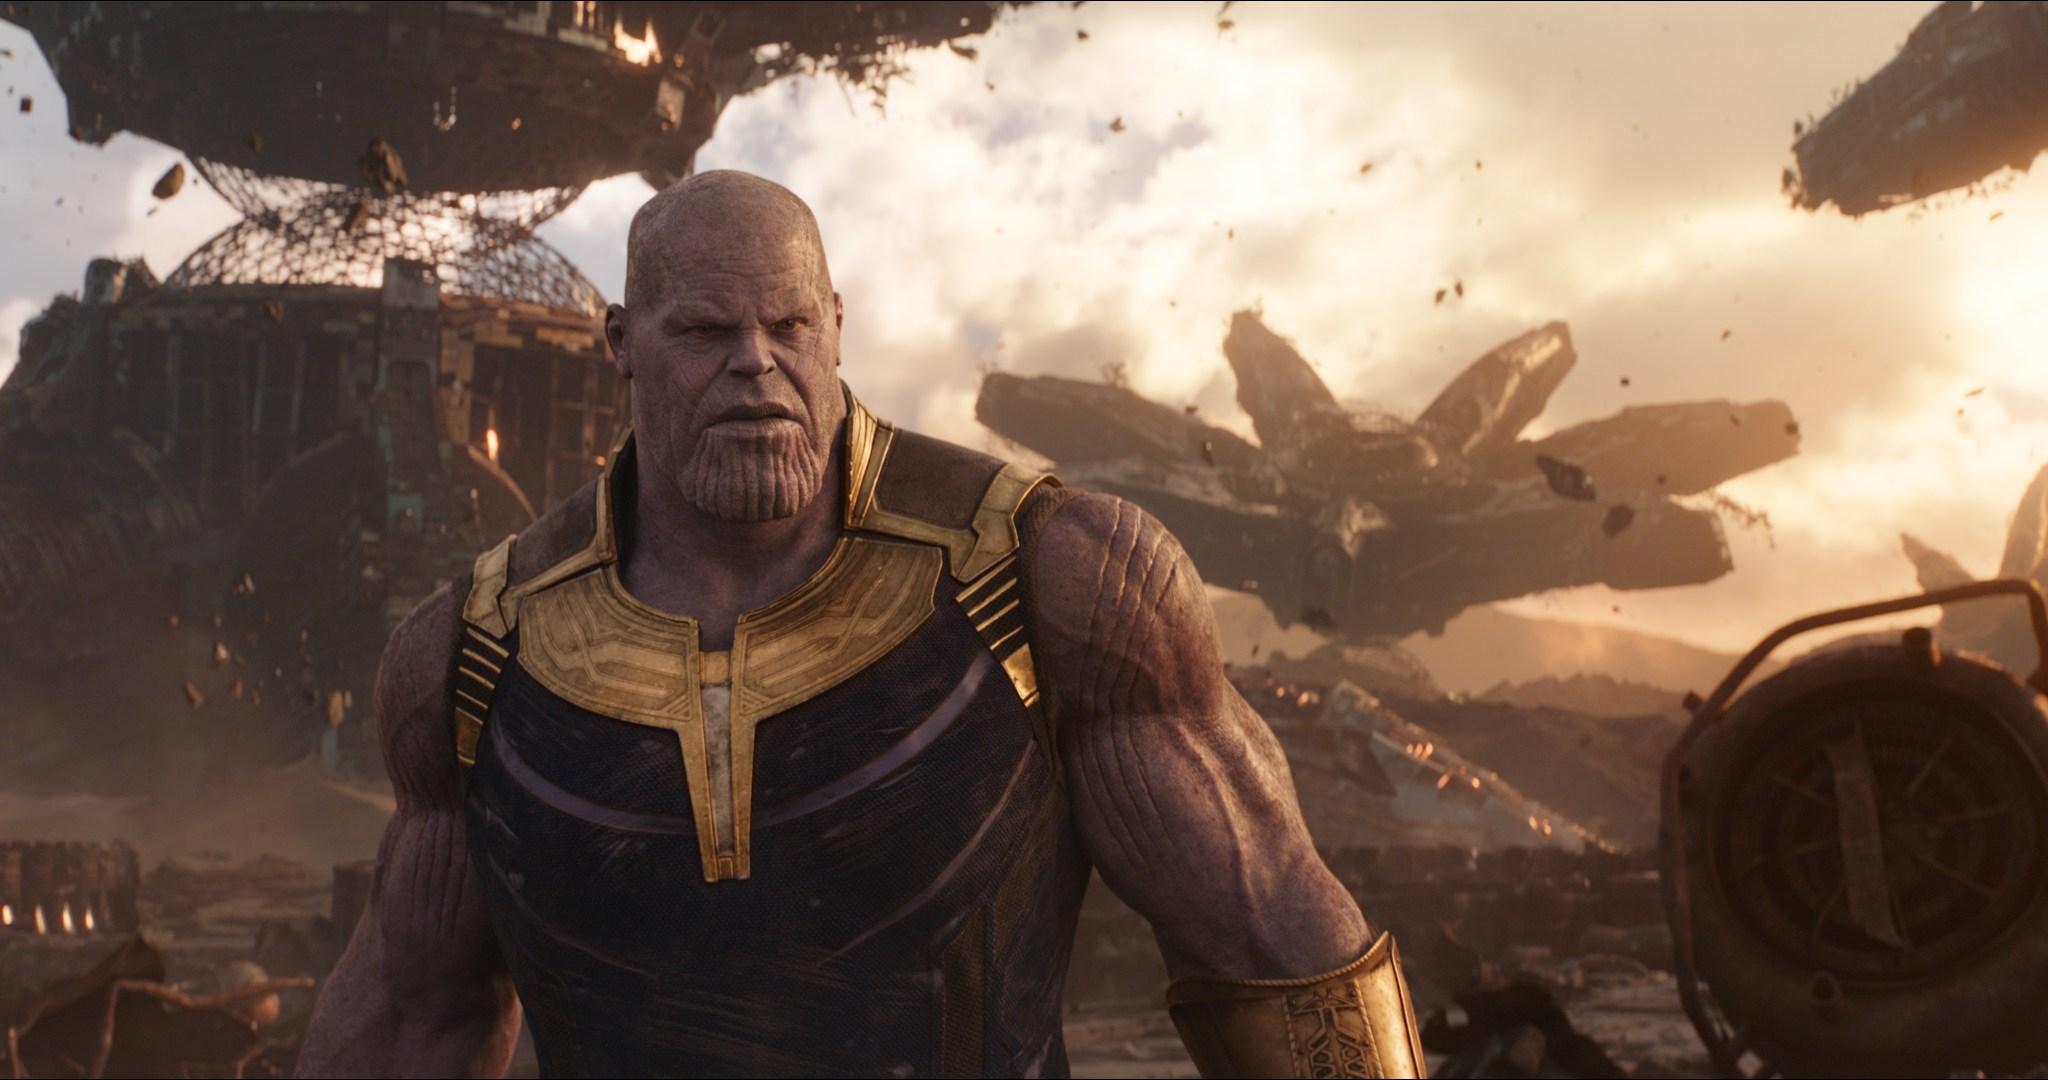 Thanos In Avengers Infinity War - Avengers Infinity War Thanos - Wallpapers, thanos wallpaper, thanos images, thanos hd free wallpapers, Thanos HD, Thanos, famous thanos quotes wallpaper, avengers-wallpapers, Avengers Infinity War, avenger wallpapers, 4k